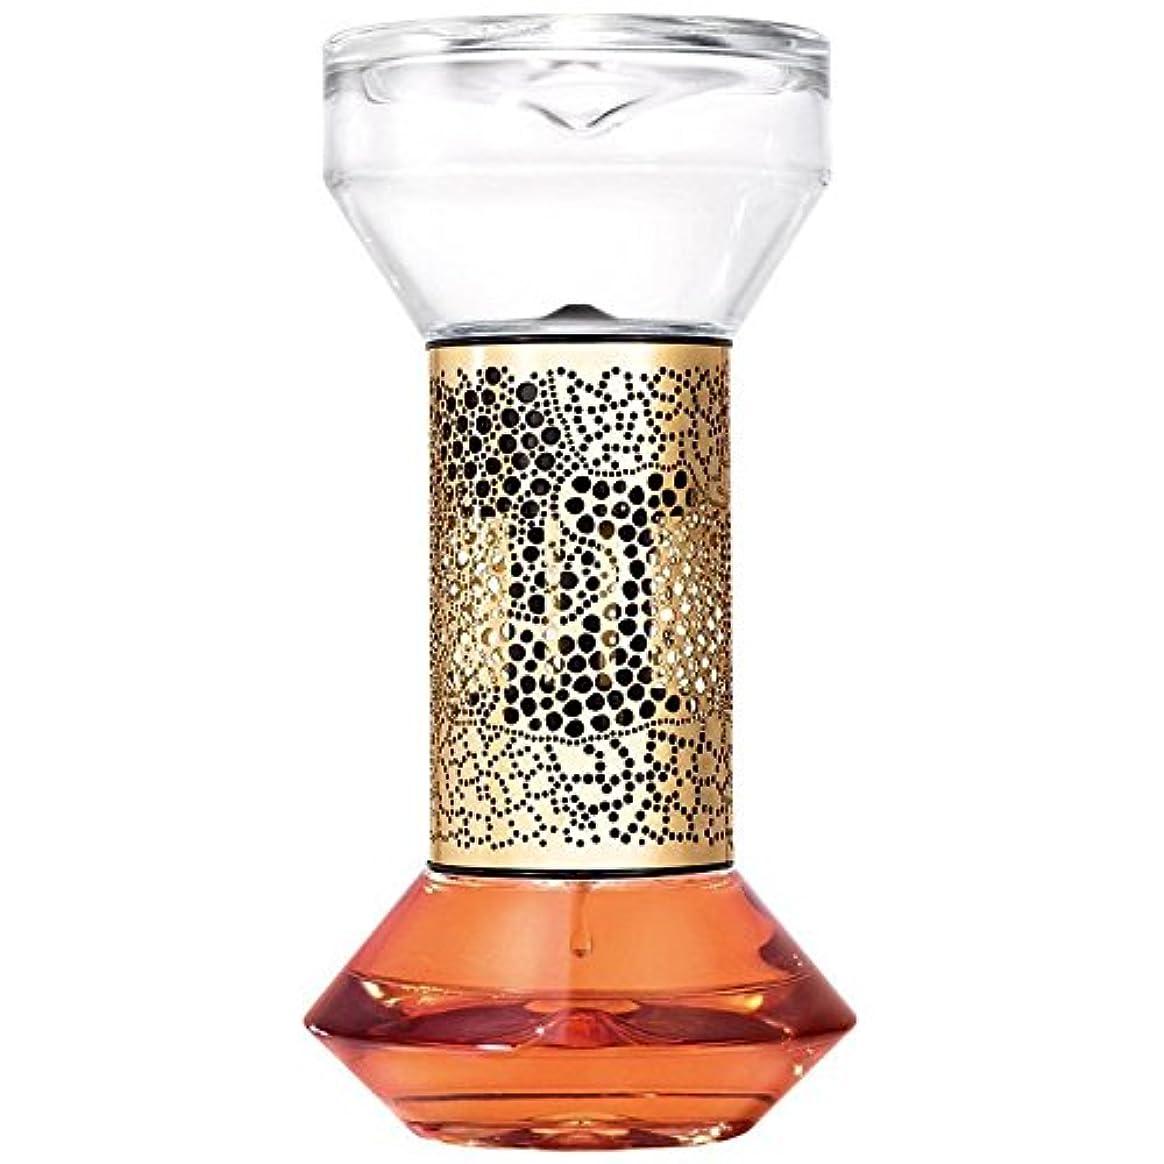 サッカー爵怪しいDiptyque - Orange Blossam Hourglass Diffuser (ディプティック オレンジ ブロッサム アワー グラス ディフューザー) 2.5 oz (75ml) New